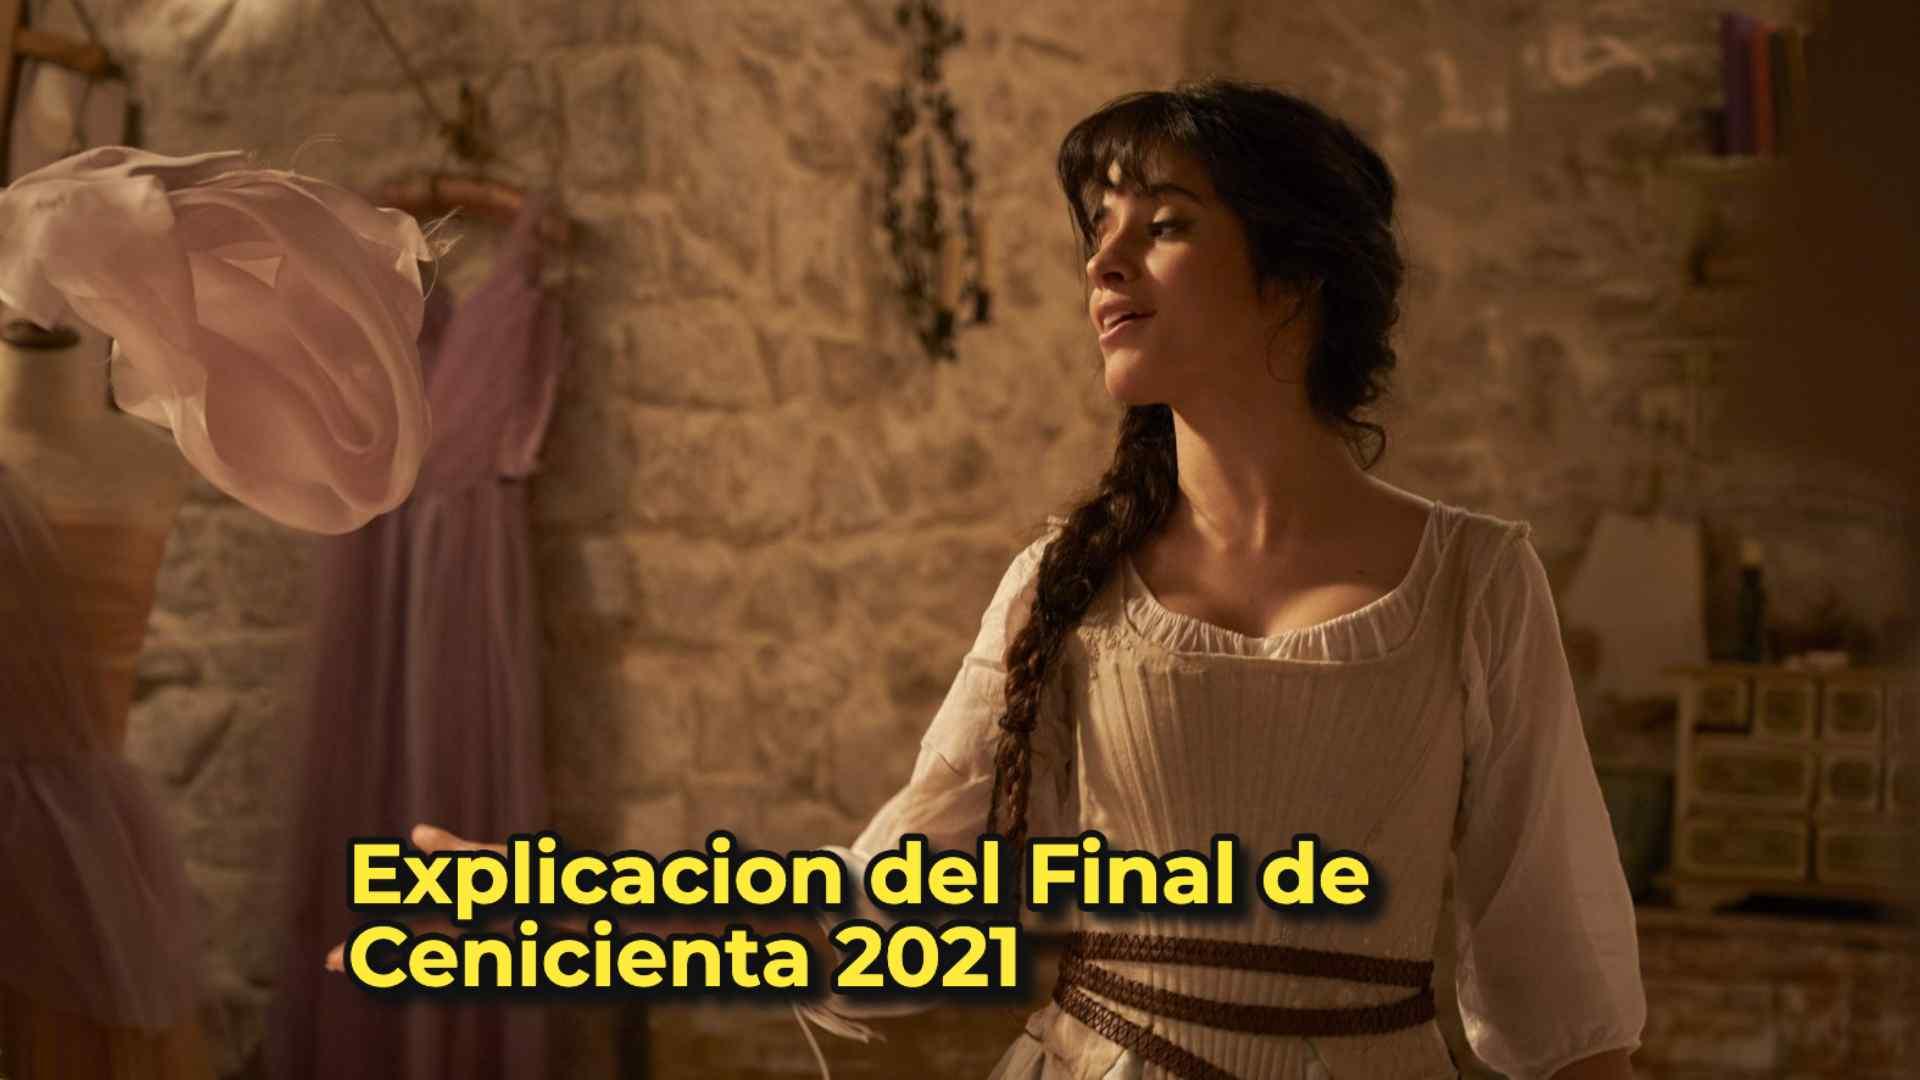 Explicacion del Final de Cenicienta 2021